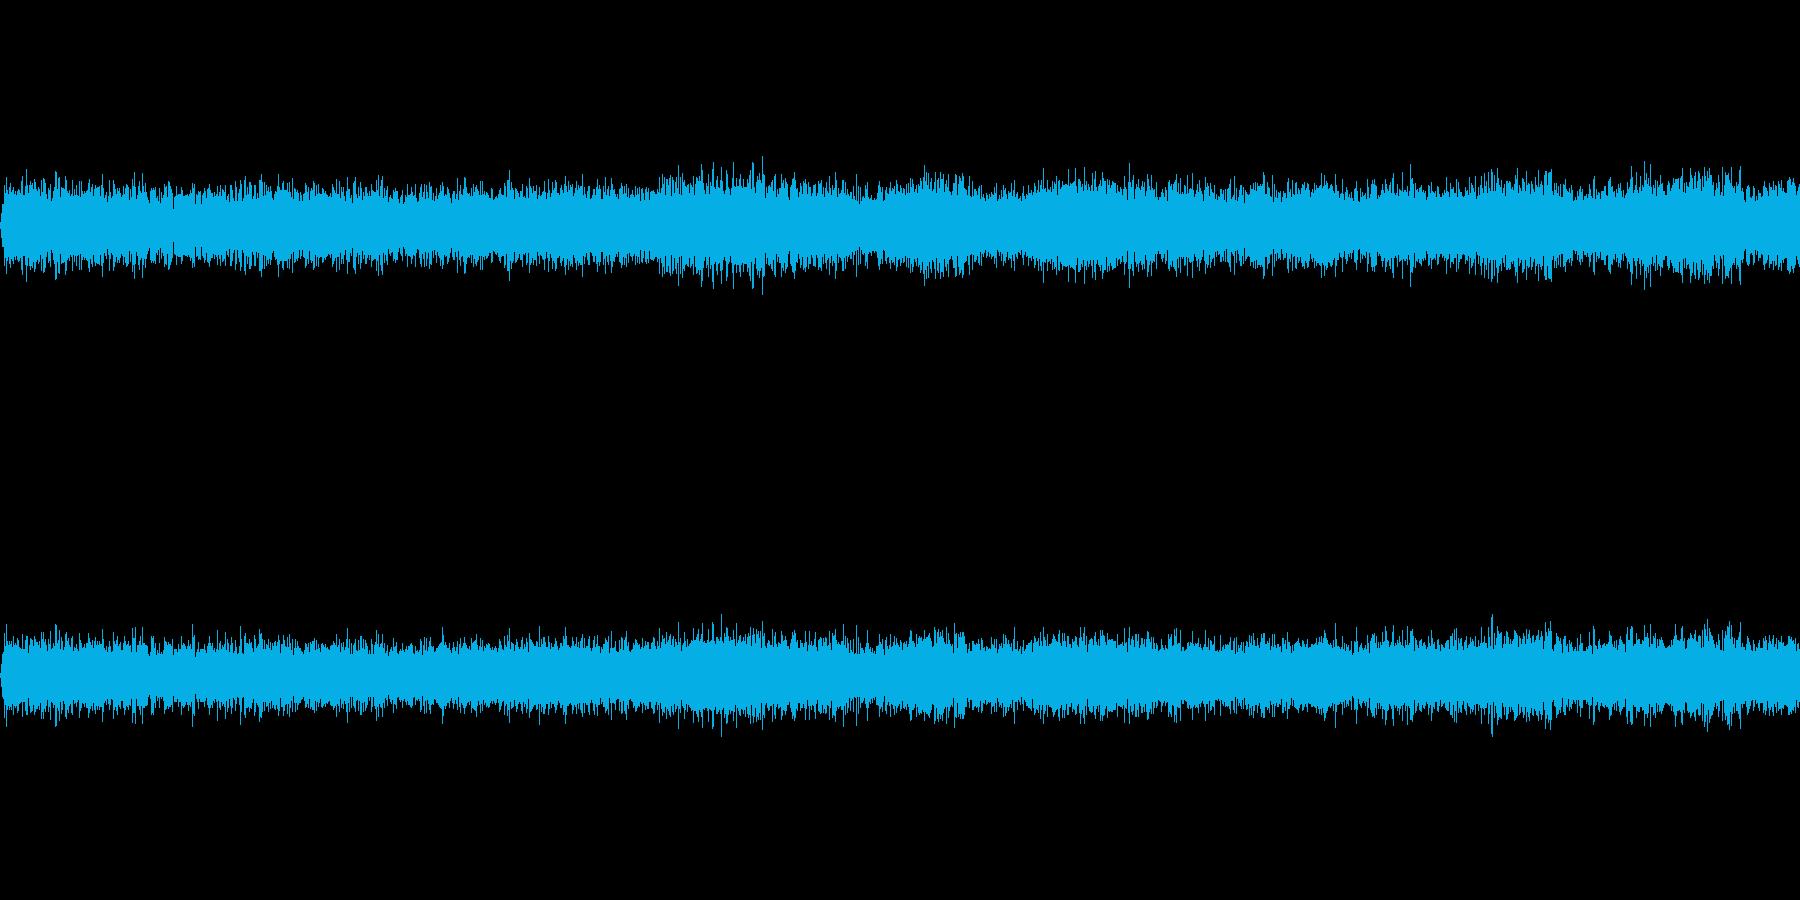 夏の田舎の夜(環境音)/虫の鳴き声の再生済みの波形